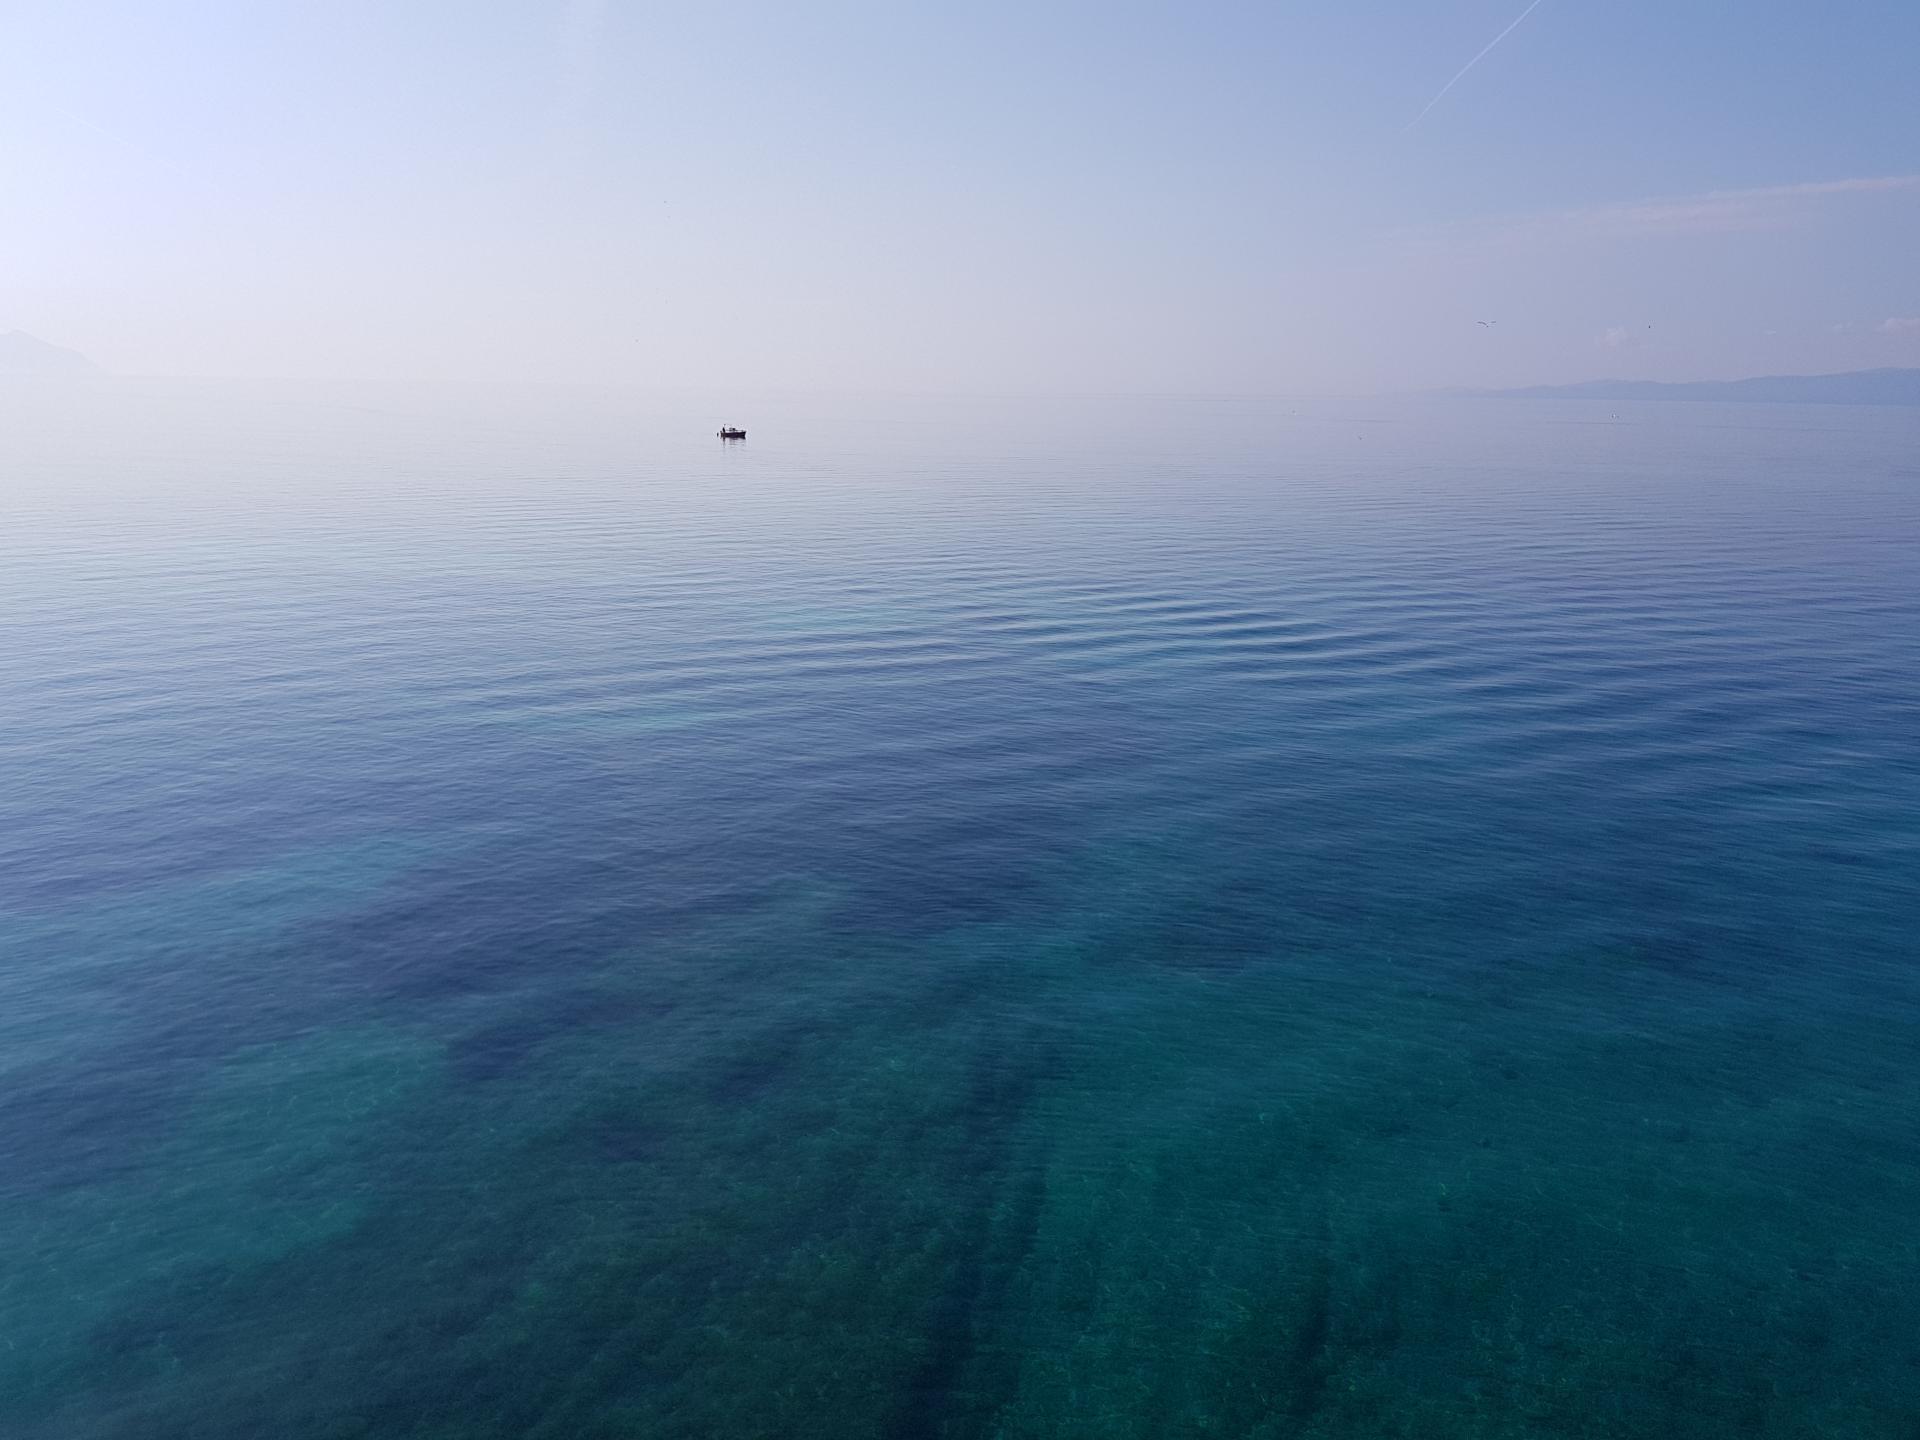 синяя гладь моря